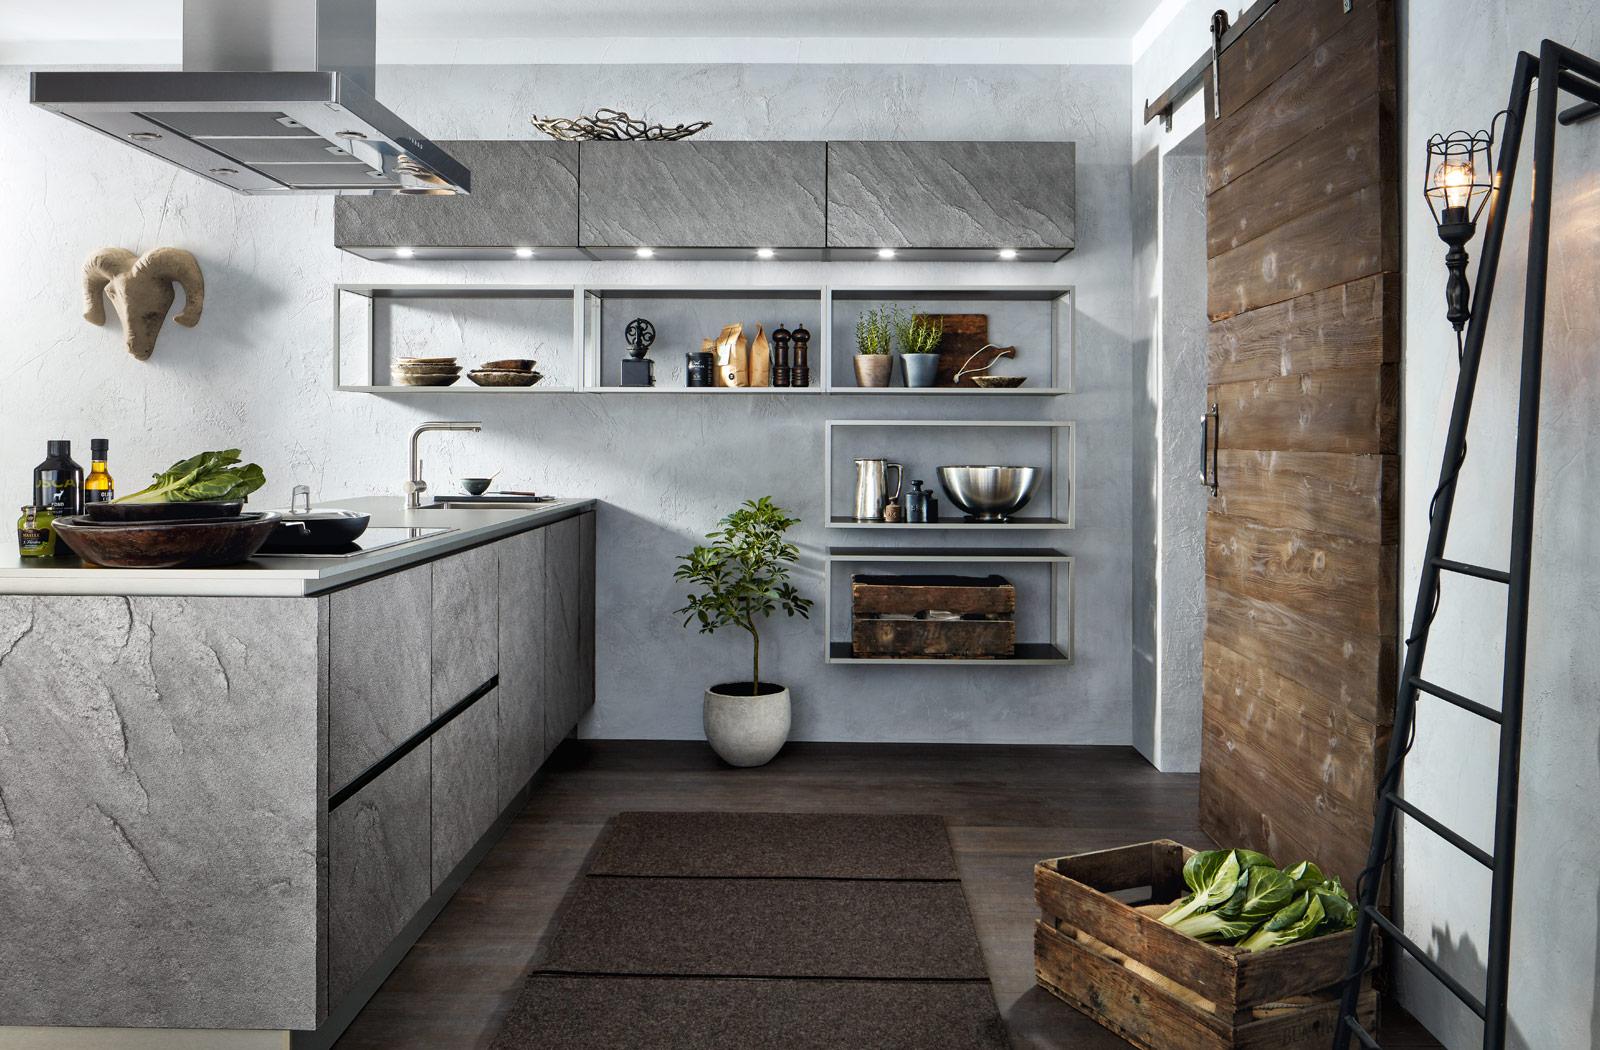 Küche Regalsystem. Vollholz Unterschrank Küche Ikea Katalog Pdf ...